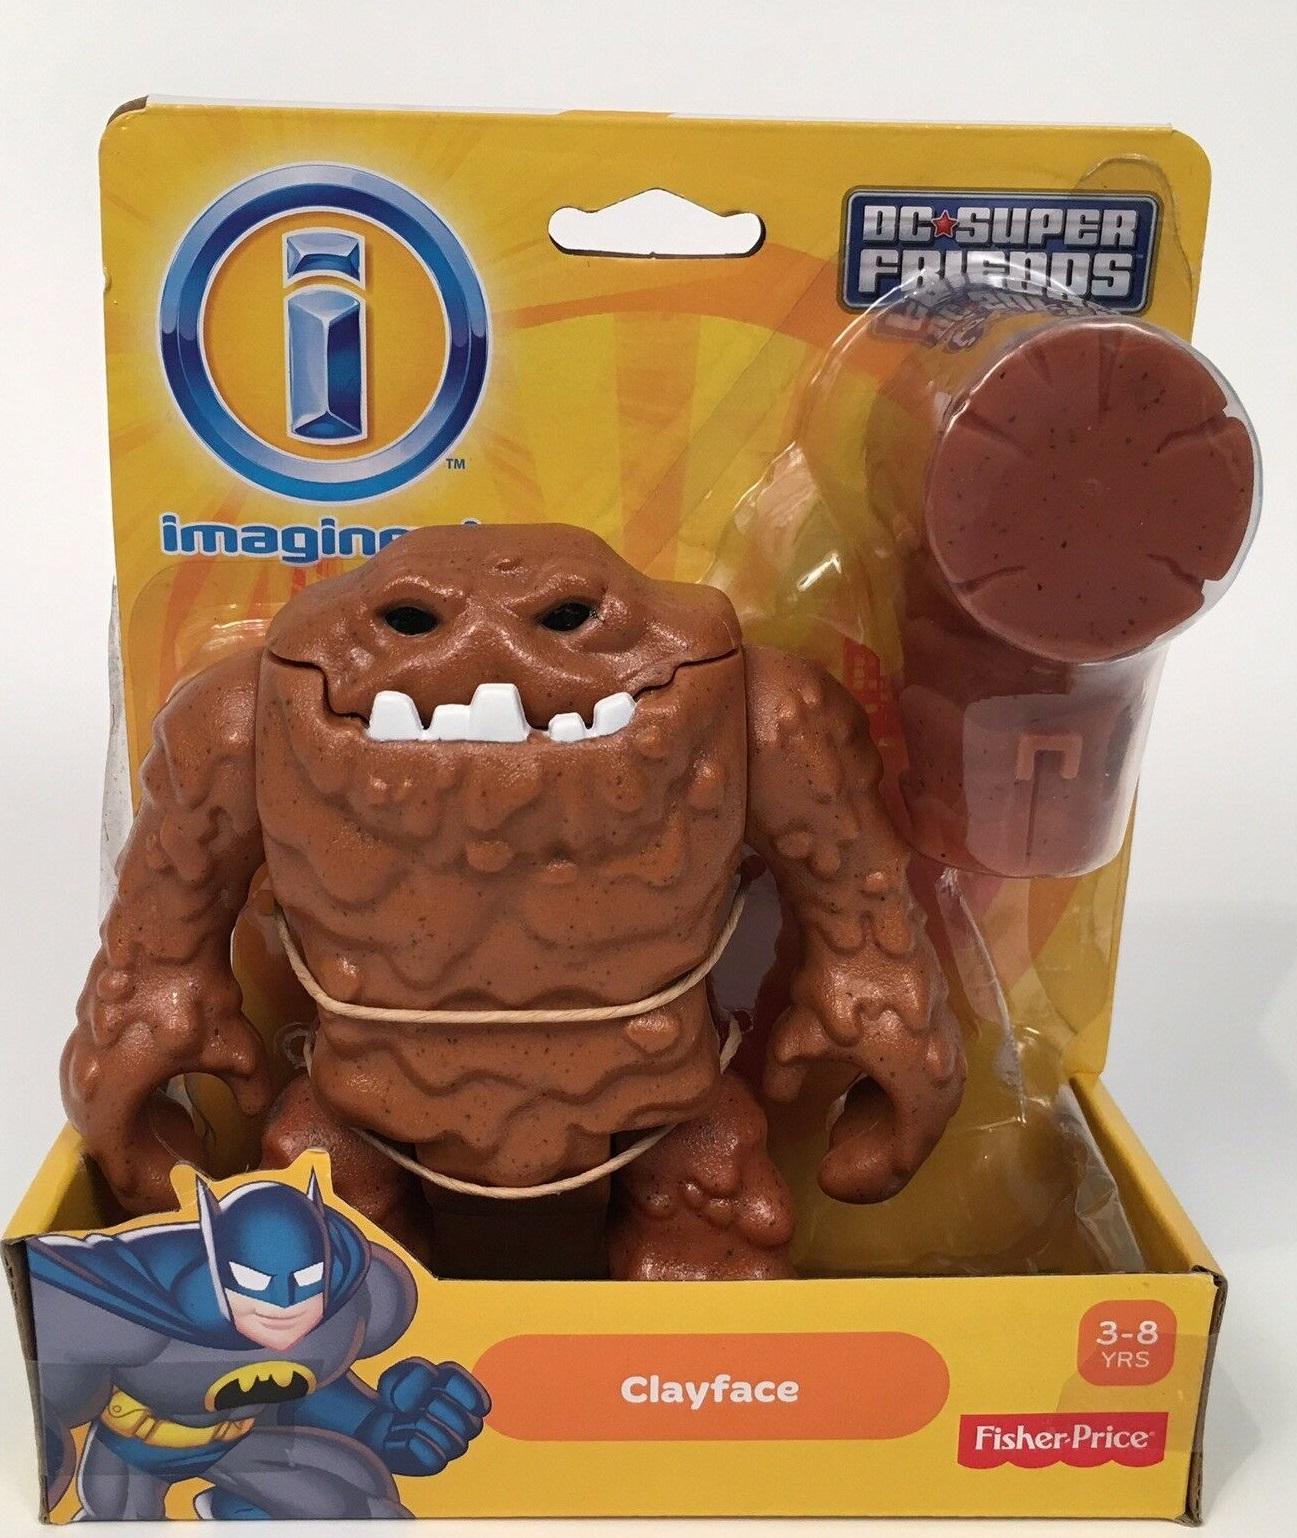 Clayface (Imaginext - DC Super Friends)